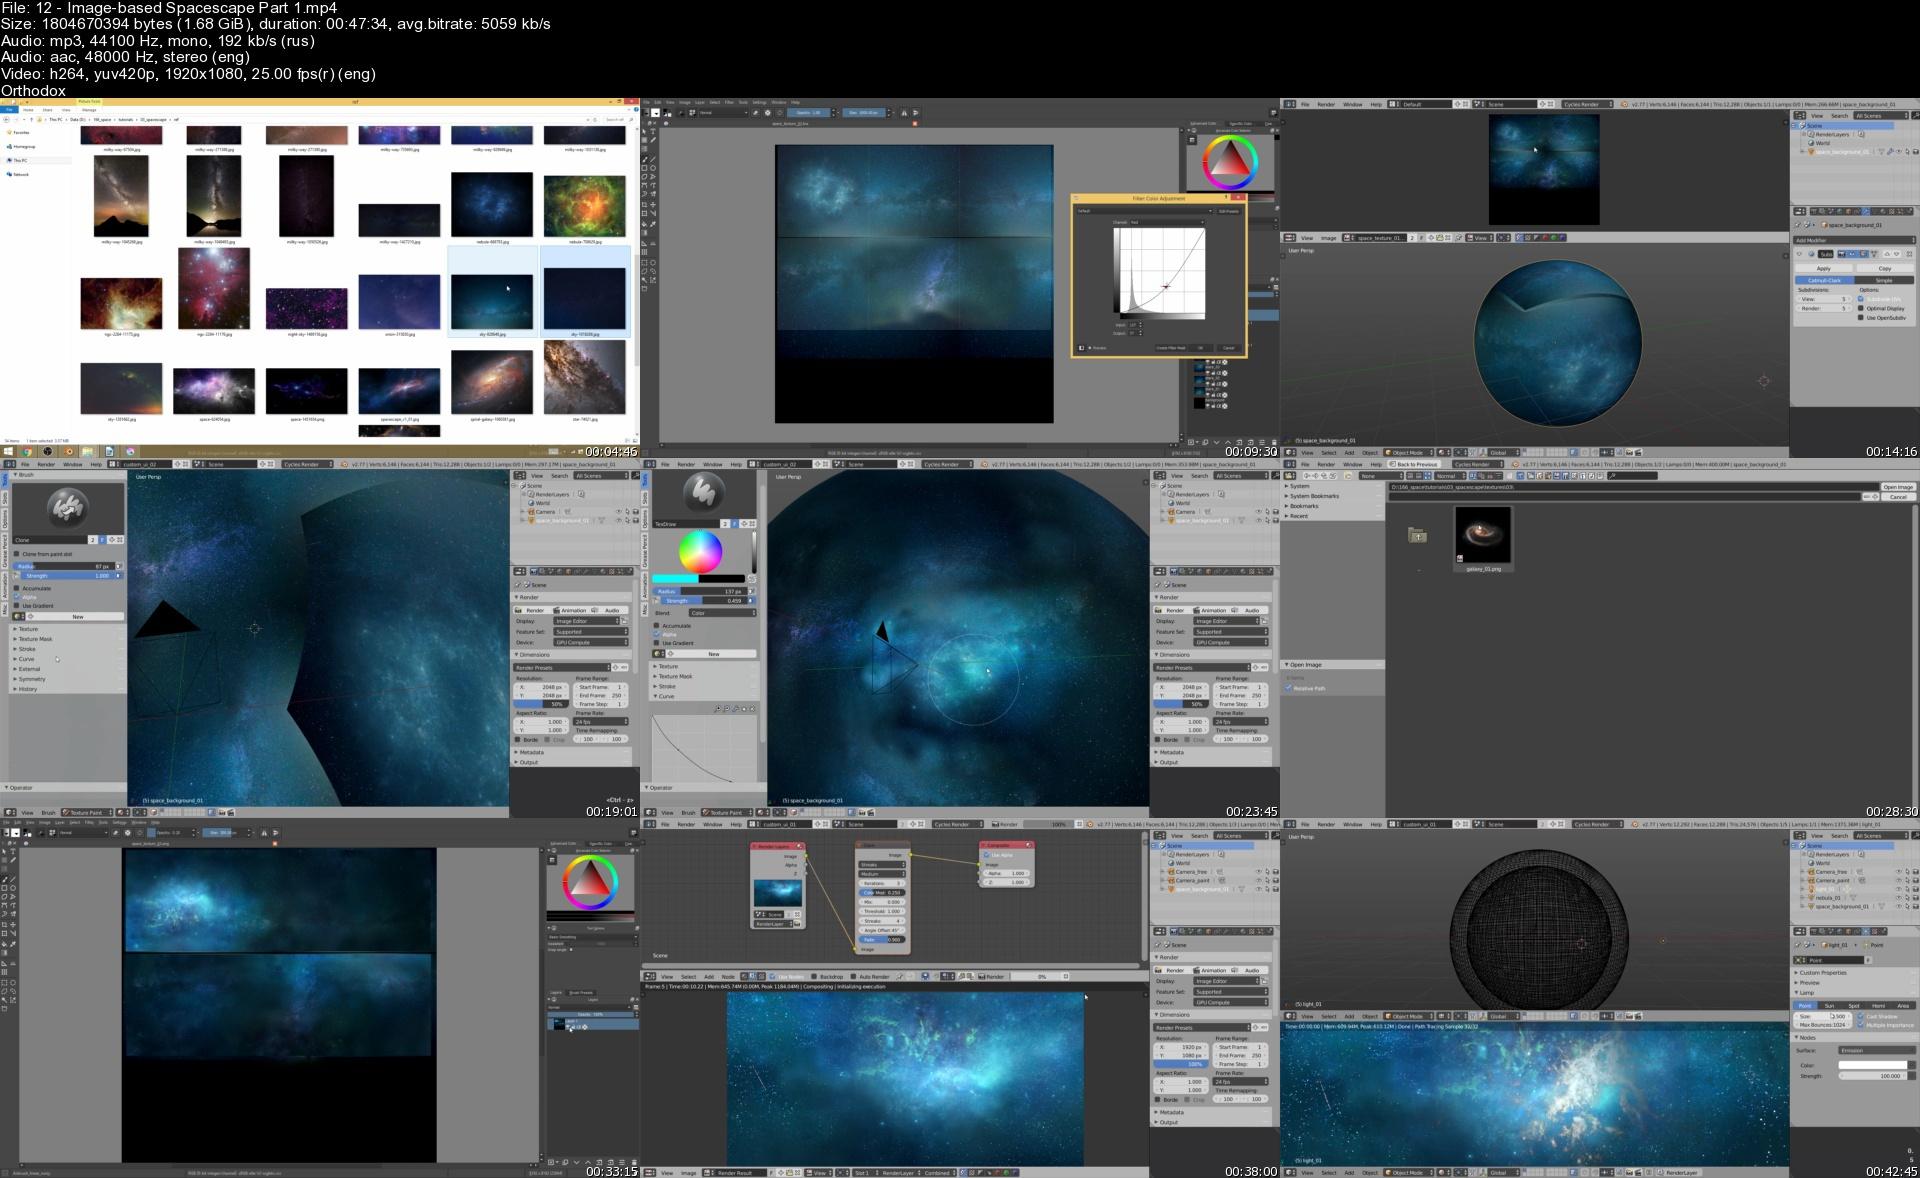 12imagebasedspacescap3ljyb.jpg